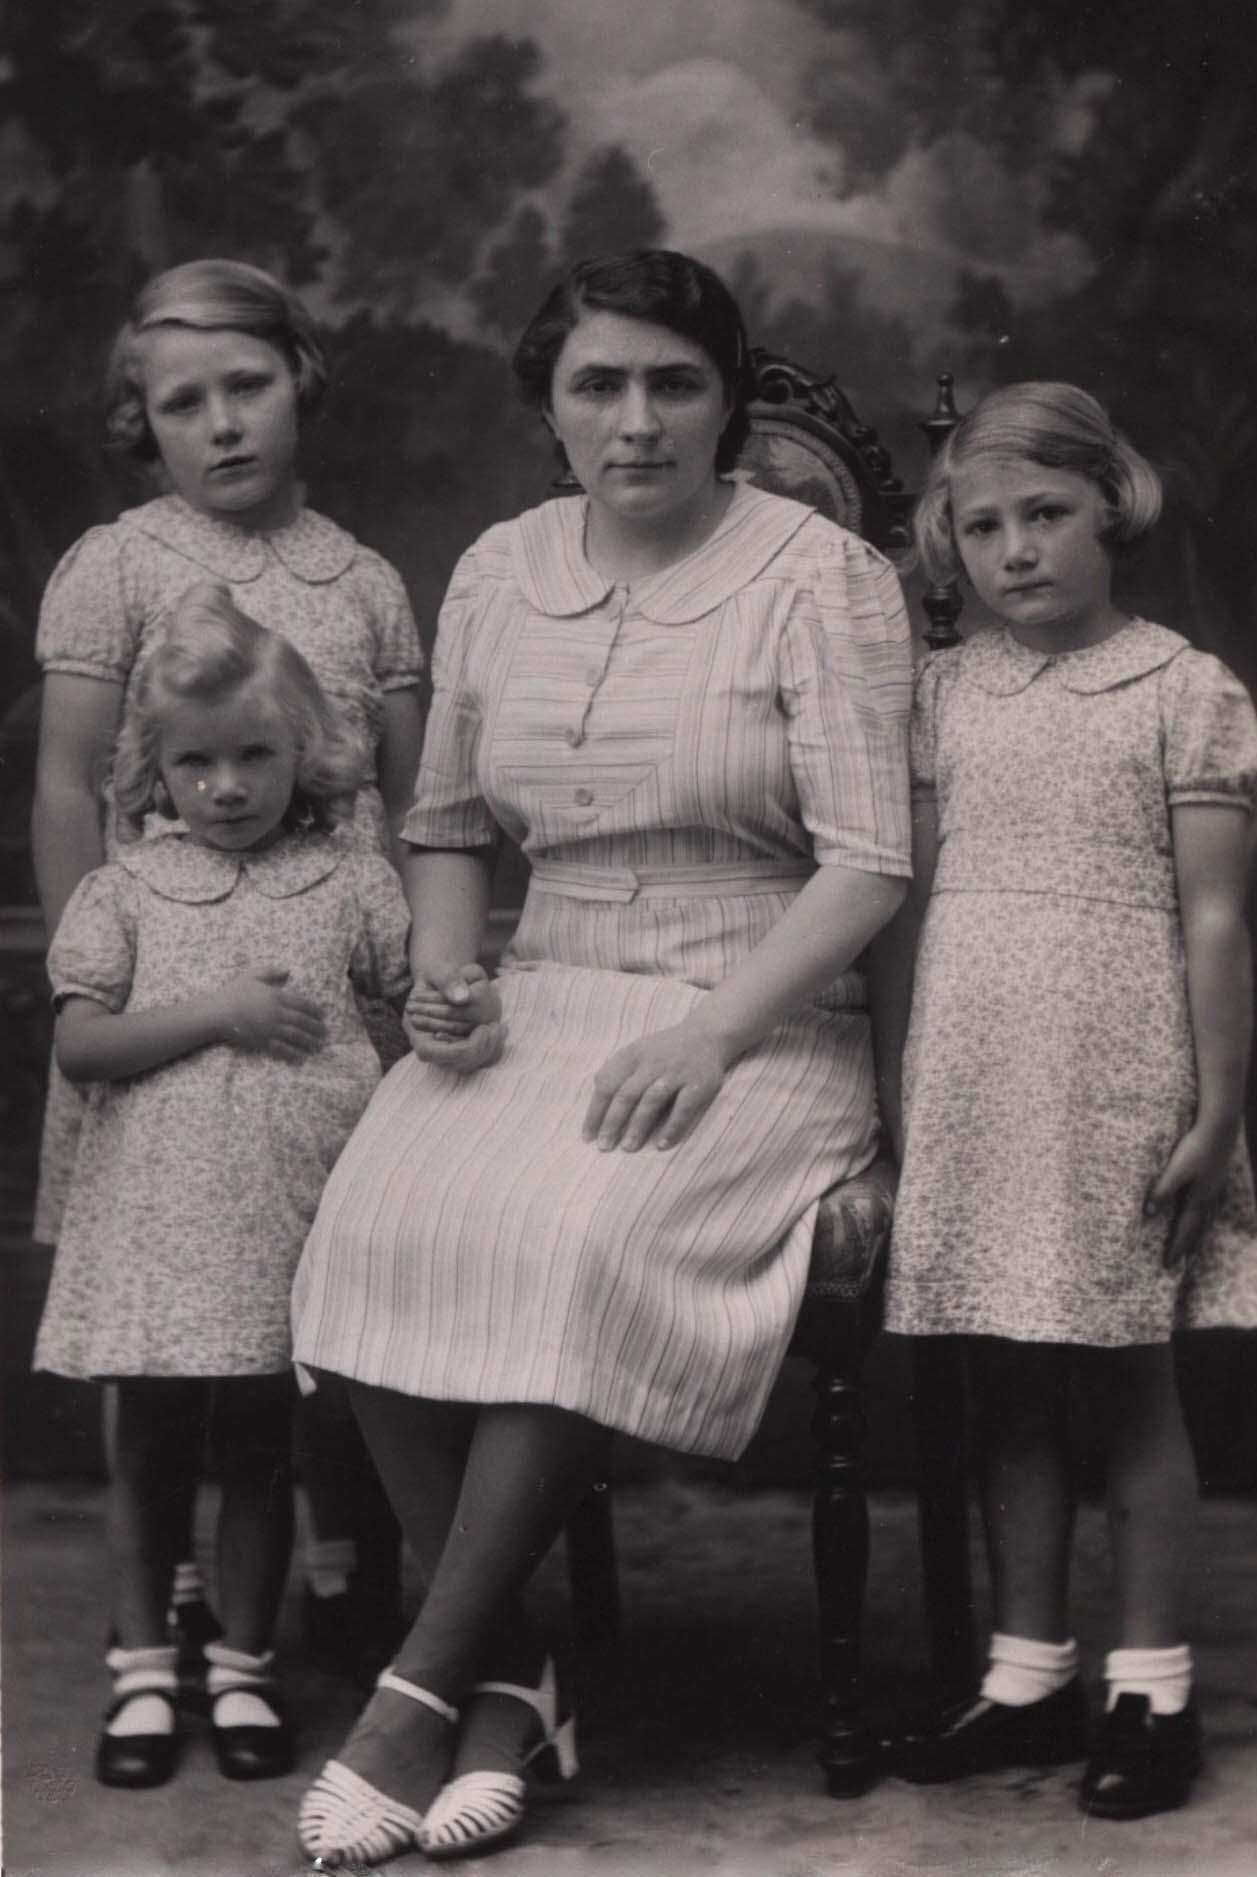 Couples et familles - DREUX Juliette, Joséphine épouse BOULAY Eugène, Alexandre au centre - BOULAY Juliette, Eugénie, Renée sa fille aînée et BOULAY Rolande sa benjamine à gauche - BOULAY Denise sa cadette à droite - 1941 (Sylvie Leveau)